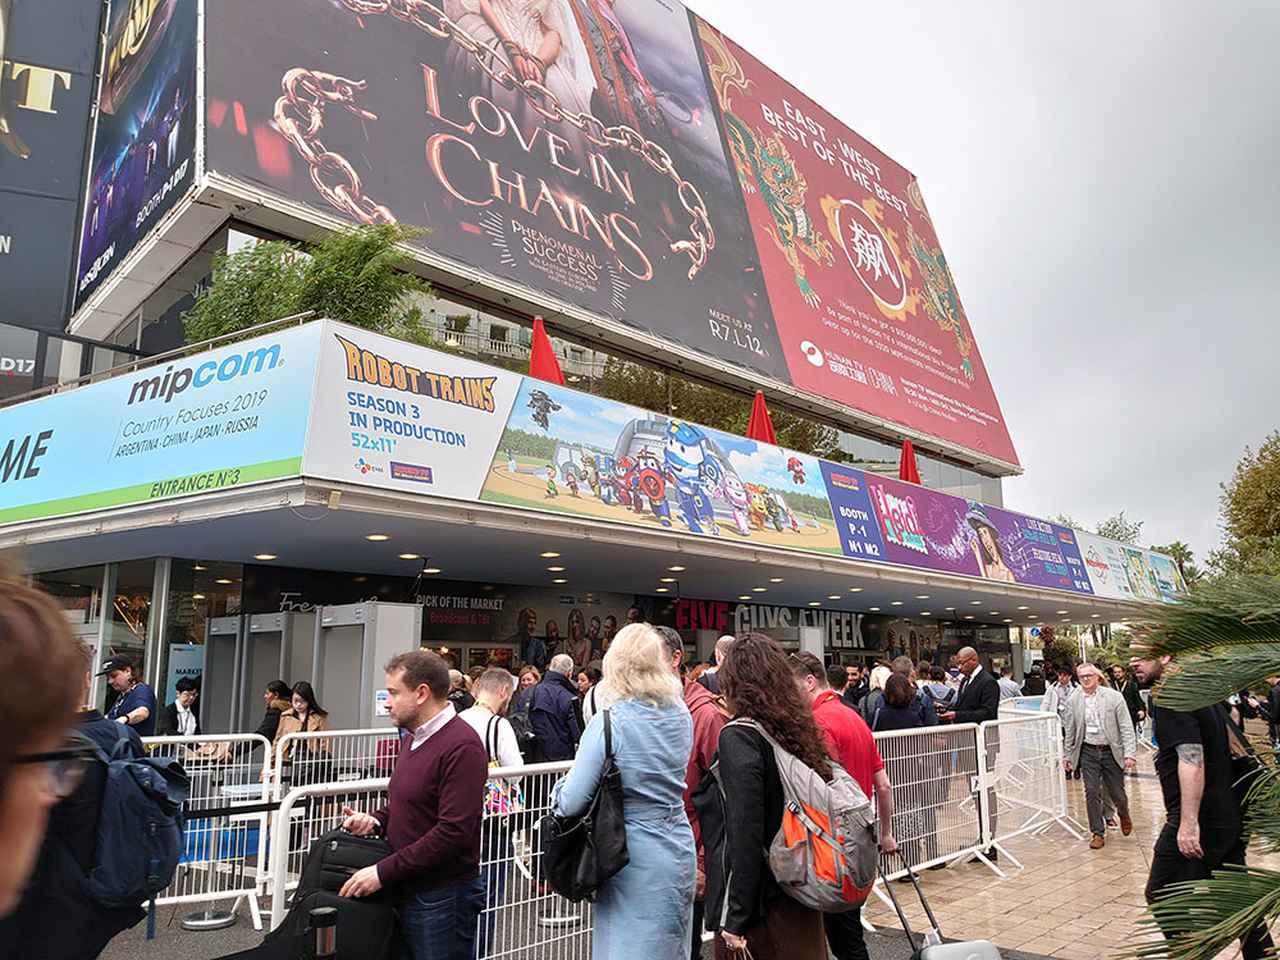 画像: 「ソニー4K/8Kシアター」「NHK 8KTHEATER」が開催されたカンヌ・コンベンションセンター